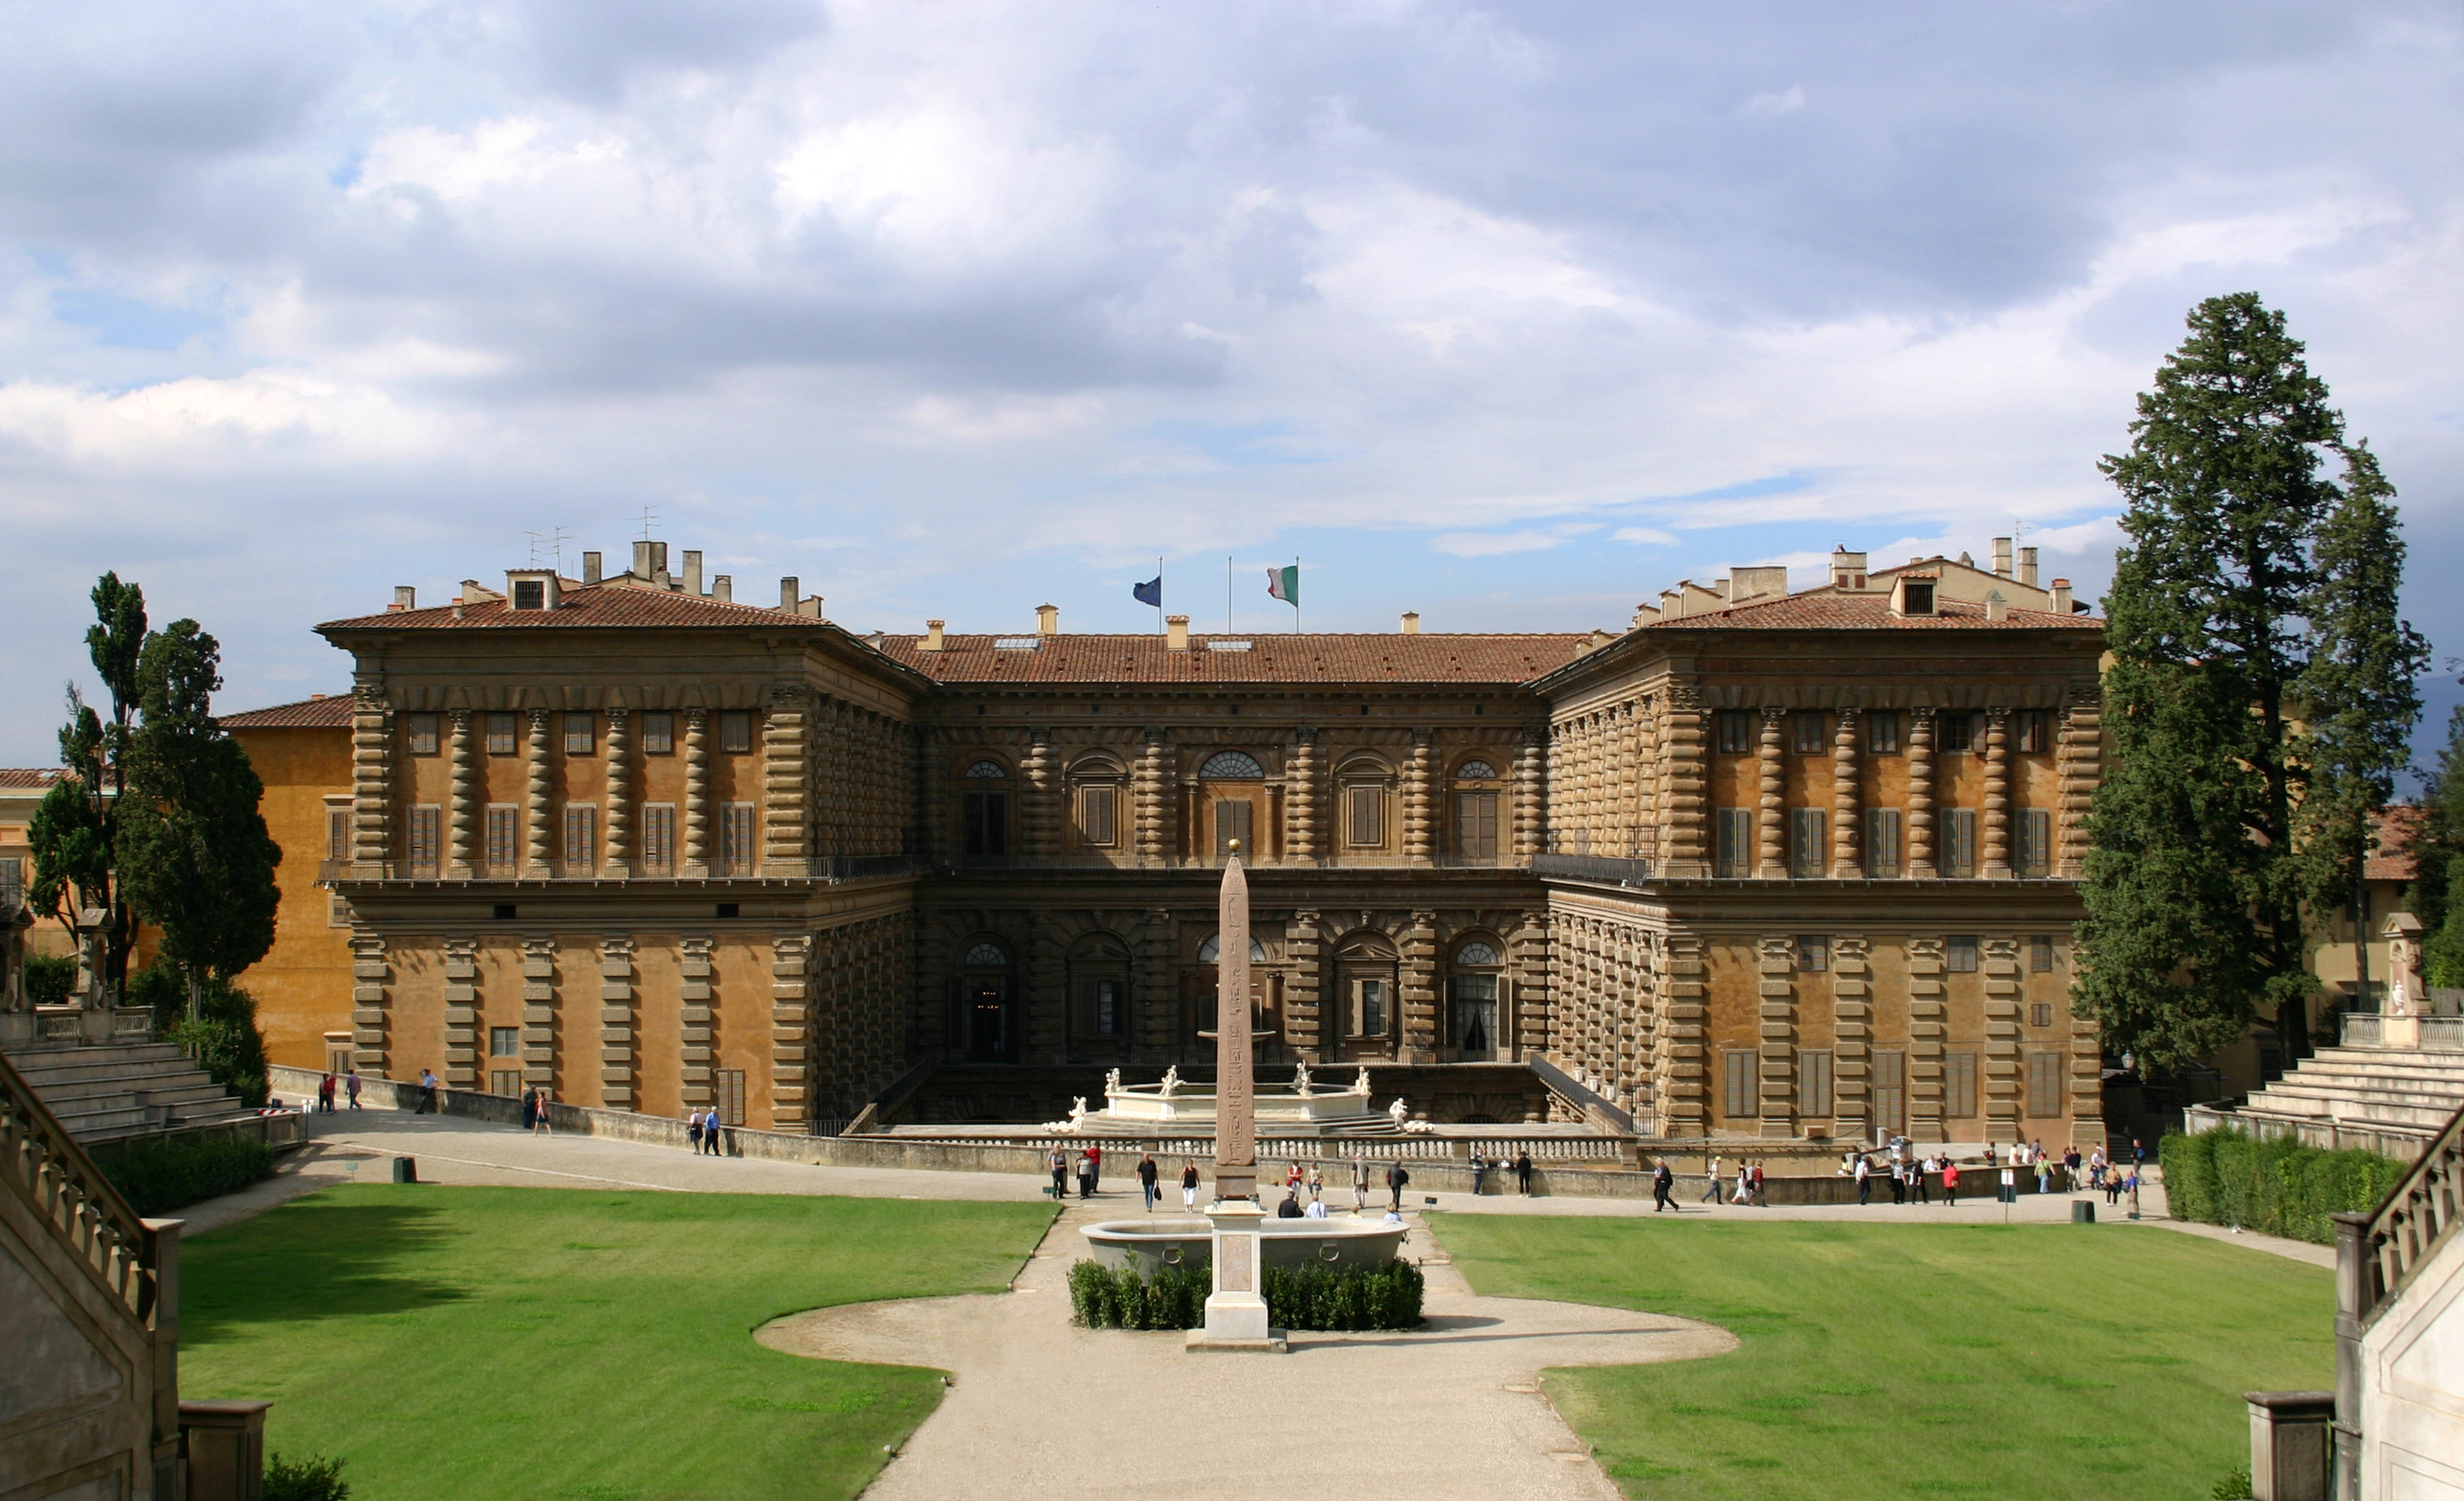 http://upload.wikimedia.org/wikipedia/commons/9/9a/Palazzo_Pitti_Gartenfassade_Florenz.jpg